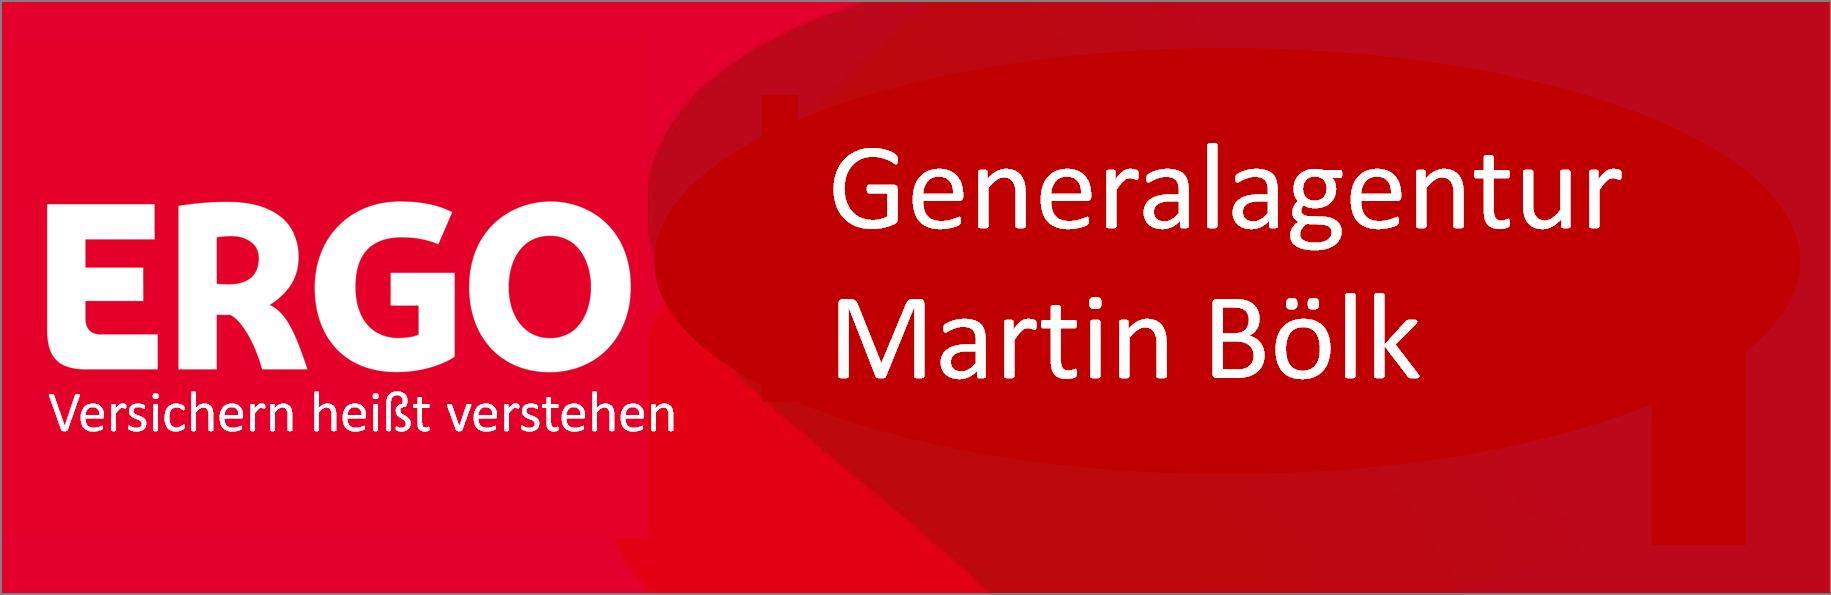 ERGO Martin Bölk